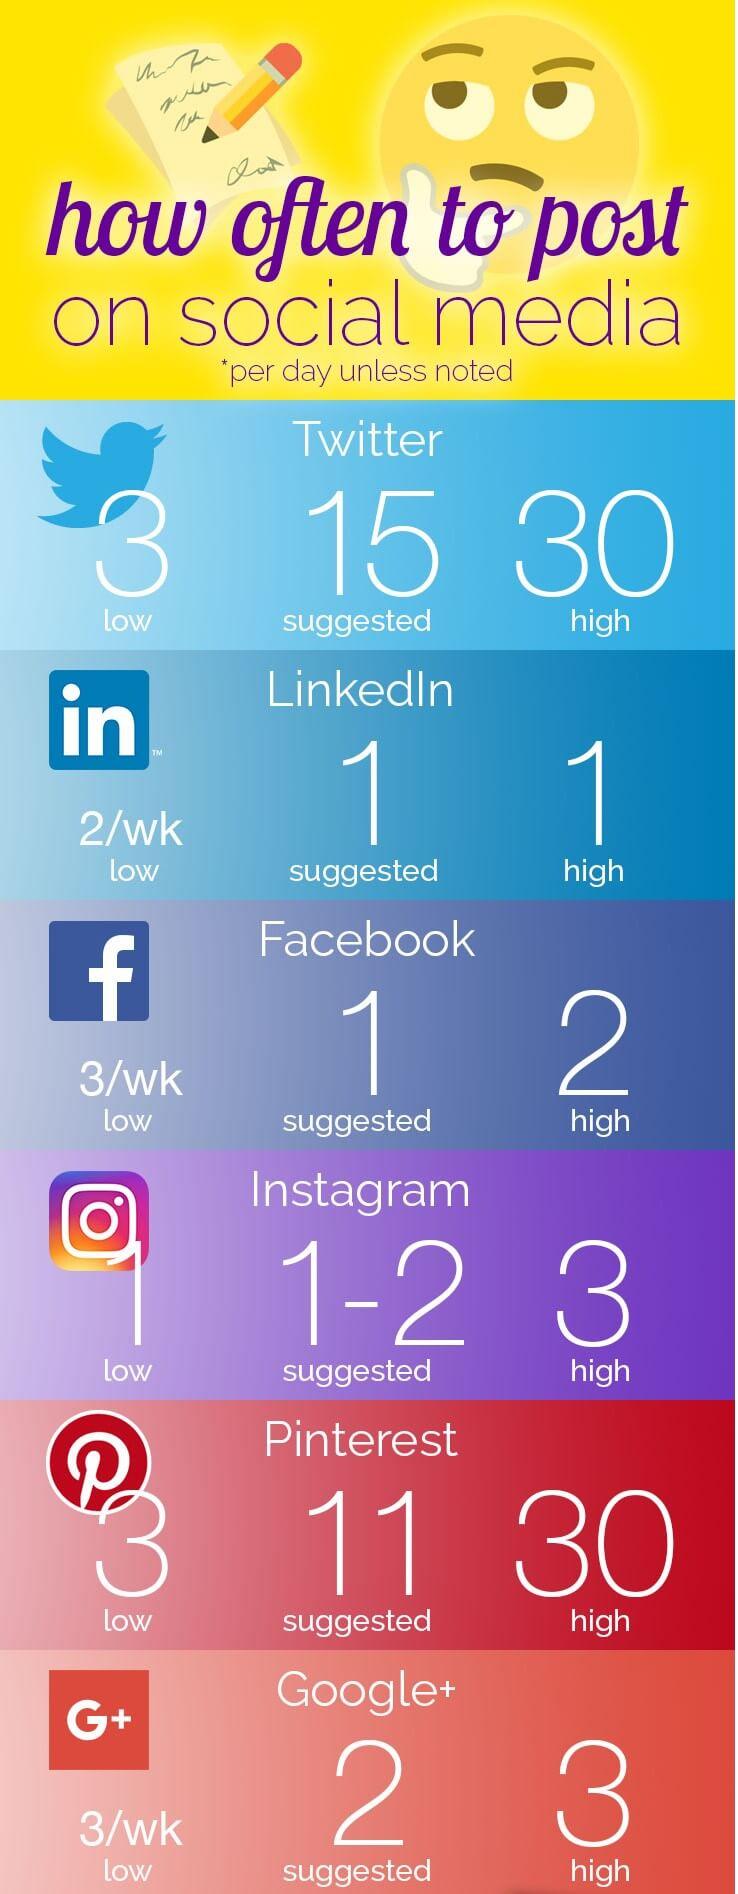 پست شبکه های اجتماعی - هاو کن یو